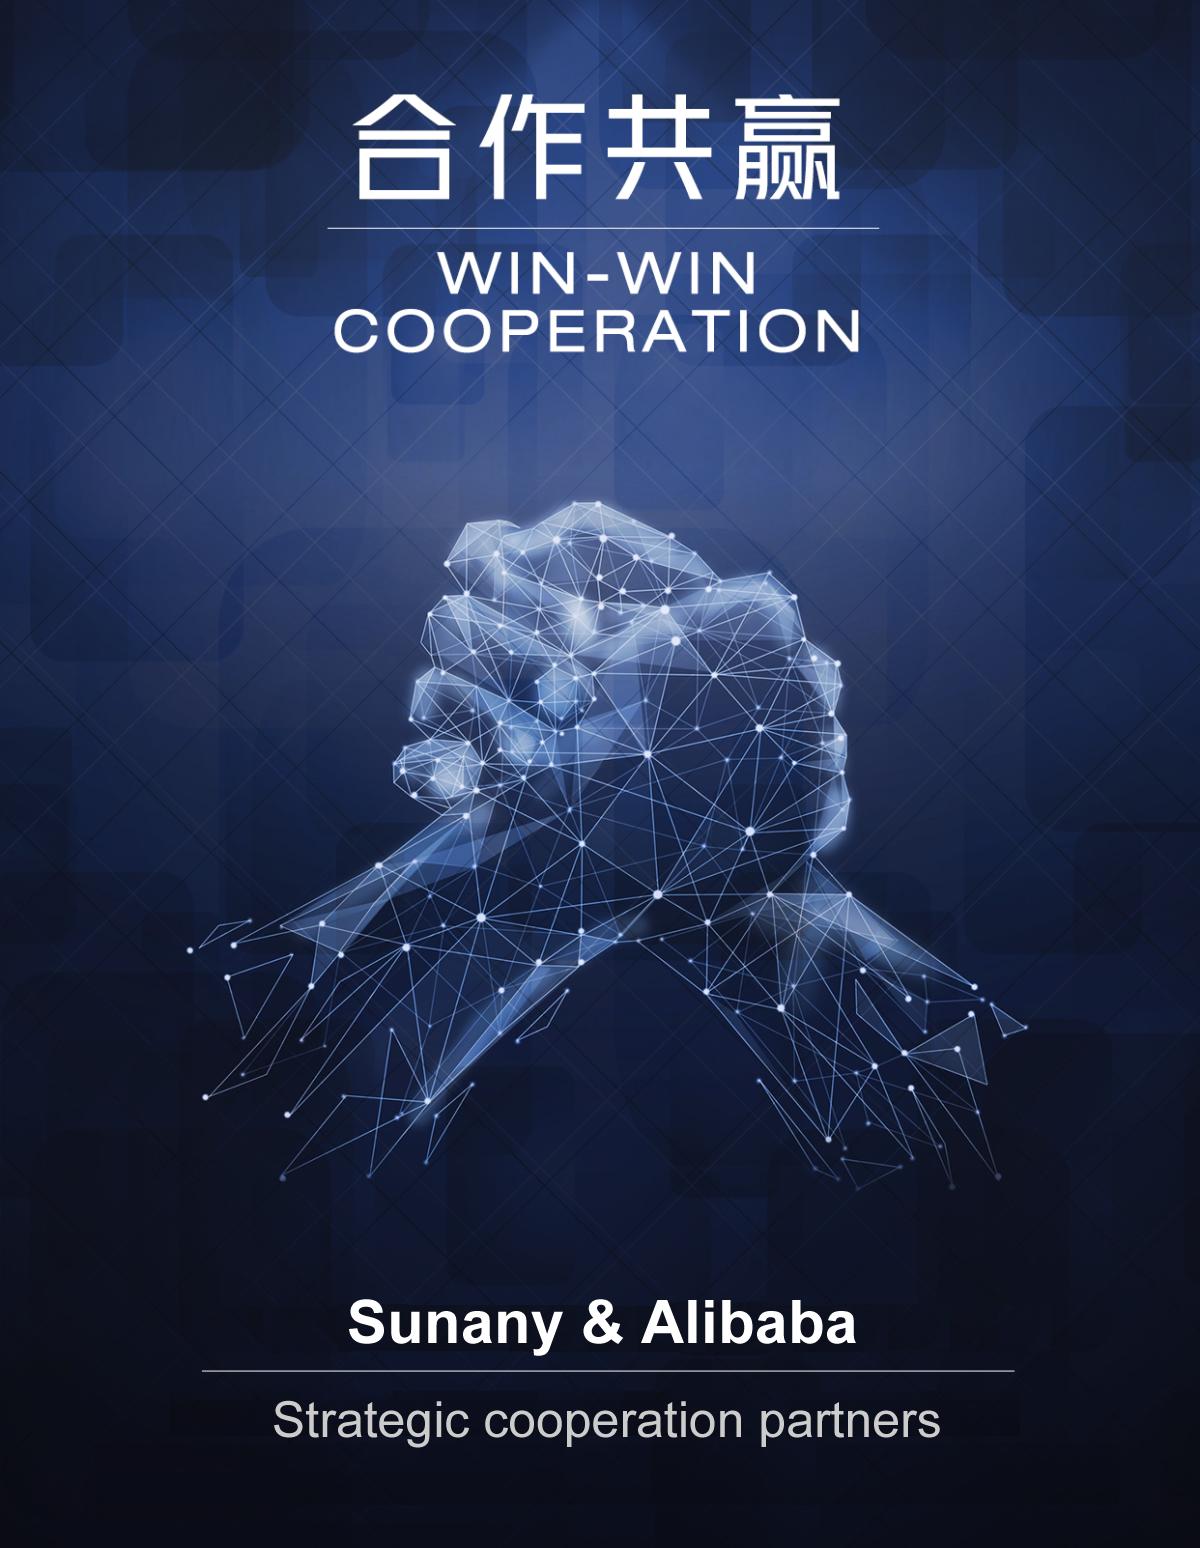 Sunany se convierte en un principal socio de Alibaba en la industria POS